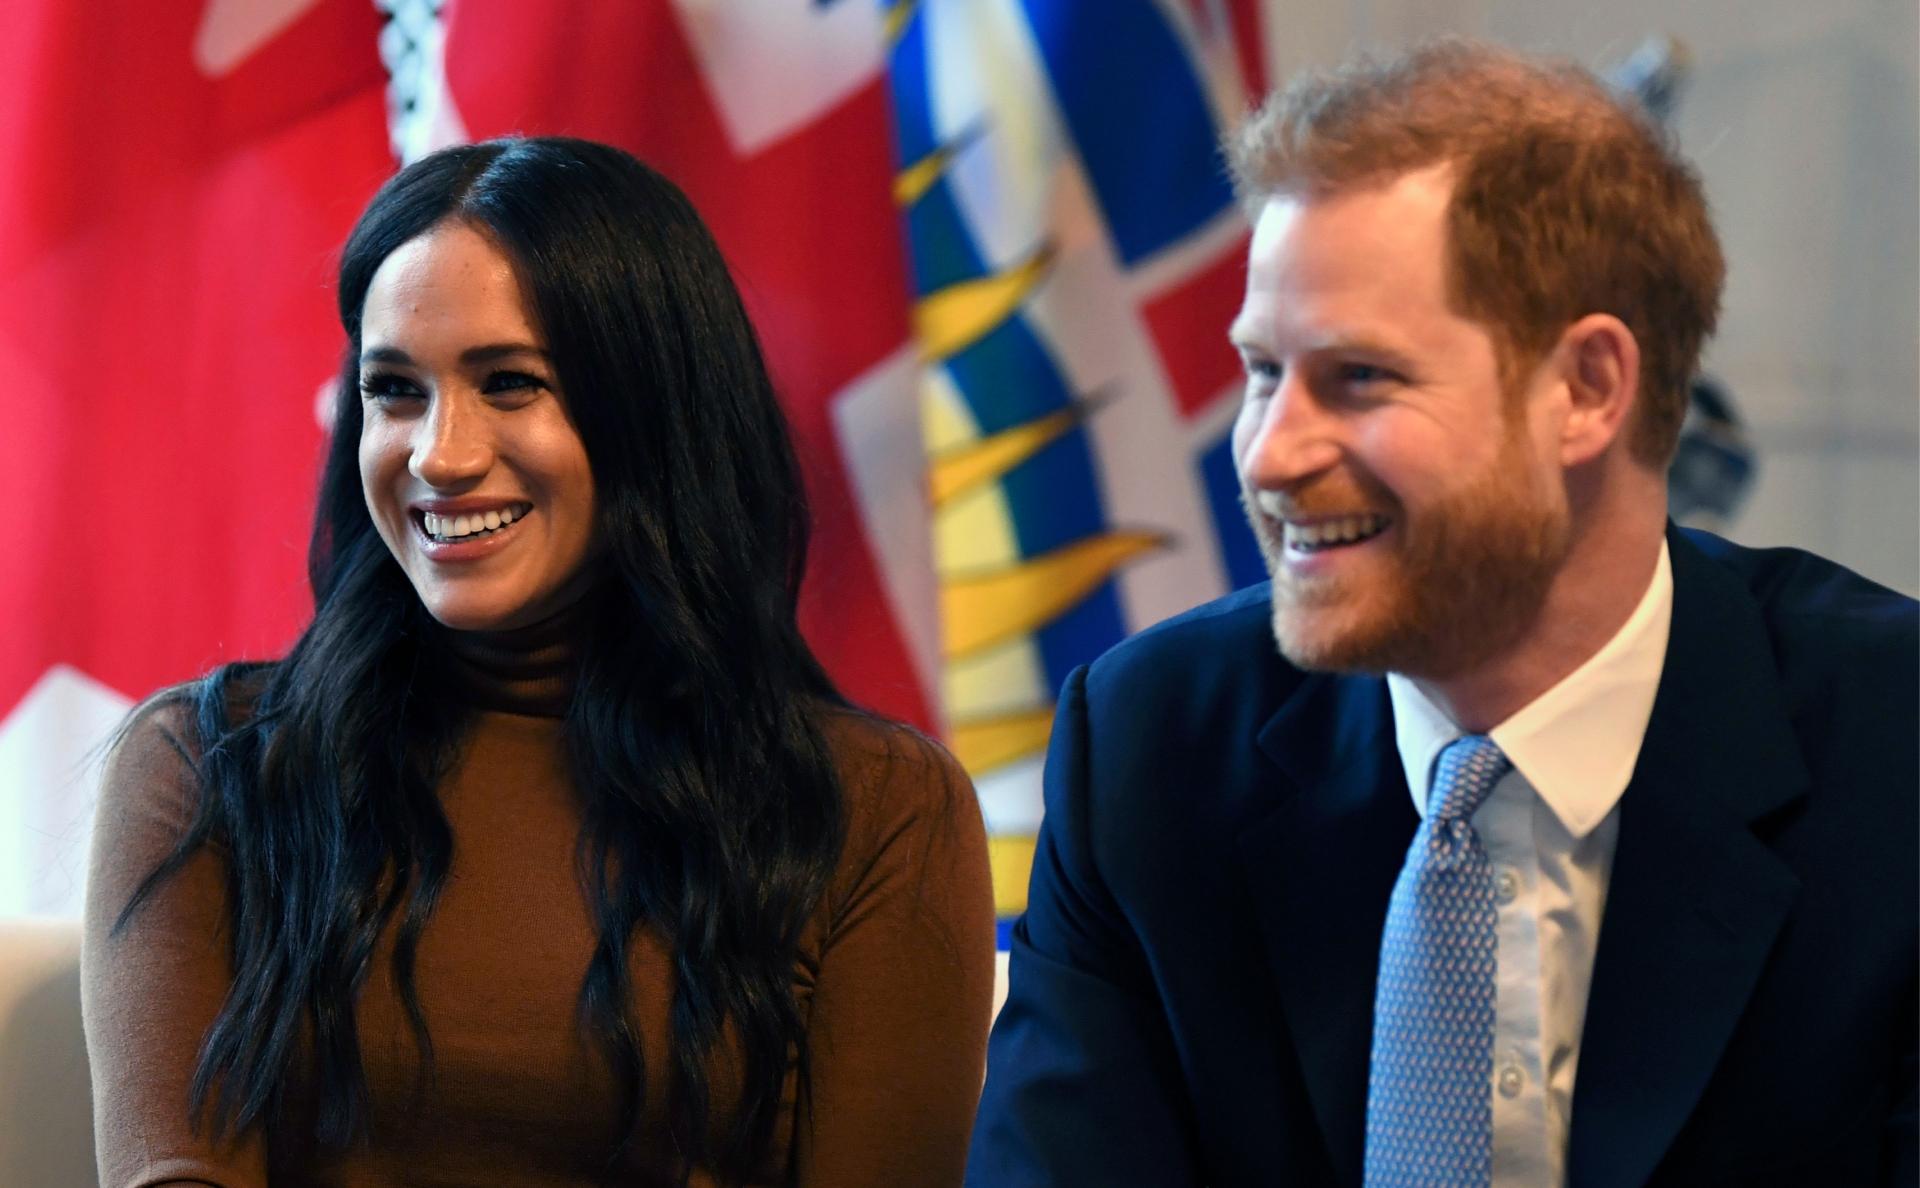 Принц Гарри и Меган Маркл остались покровителями пяти организаций - фото №2